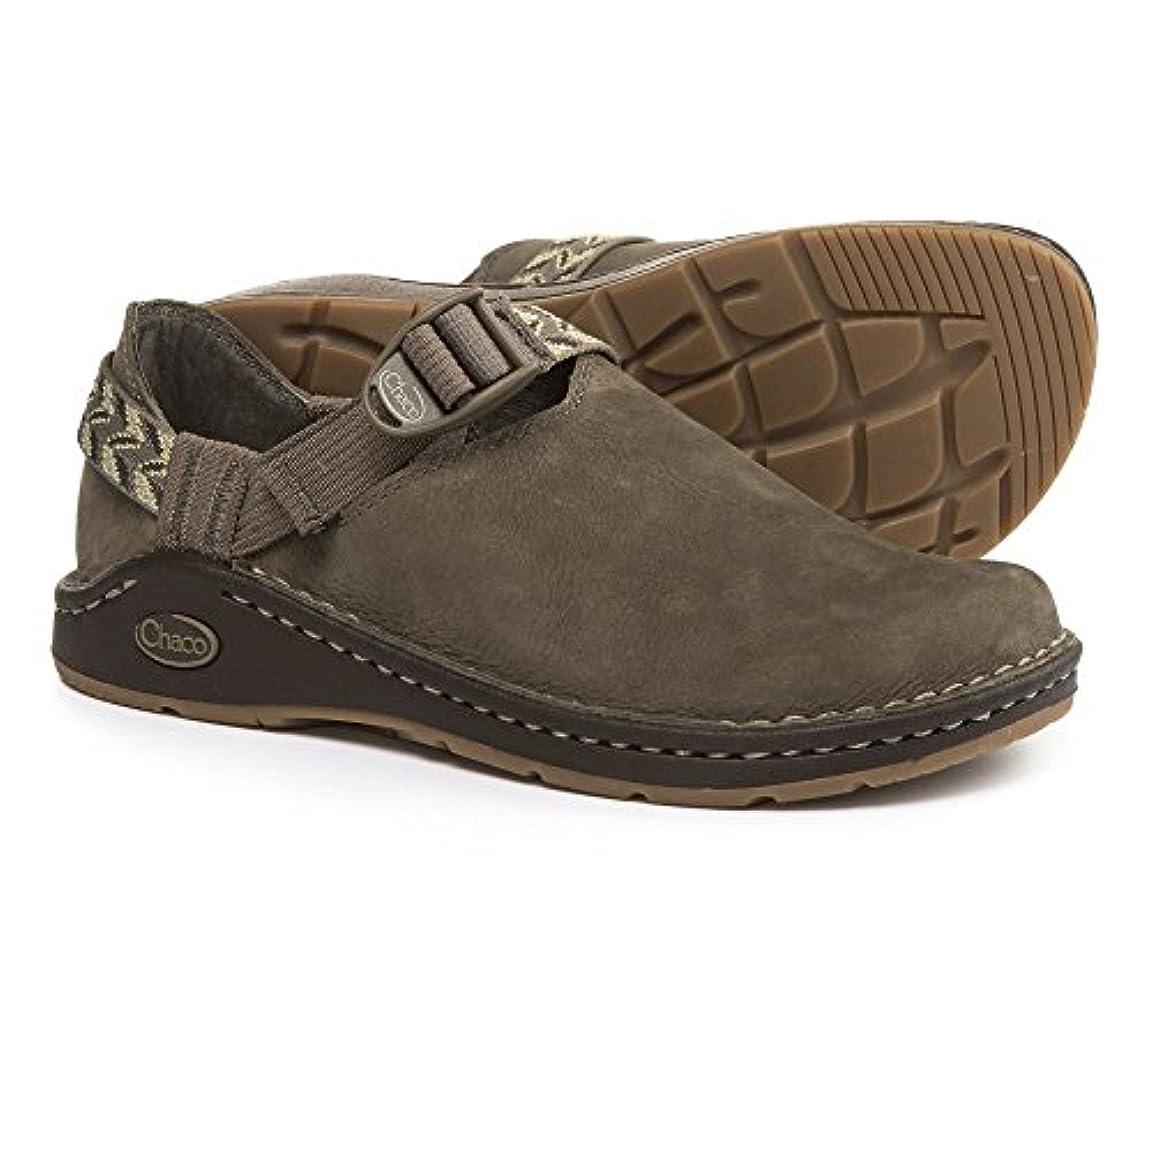 道に迷いましたかもしれないポーズ(チャコ) Chaco レディース シューズ?靴 Pedshed Shoes - Nubuck [並行輸入品]